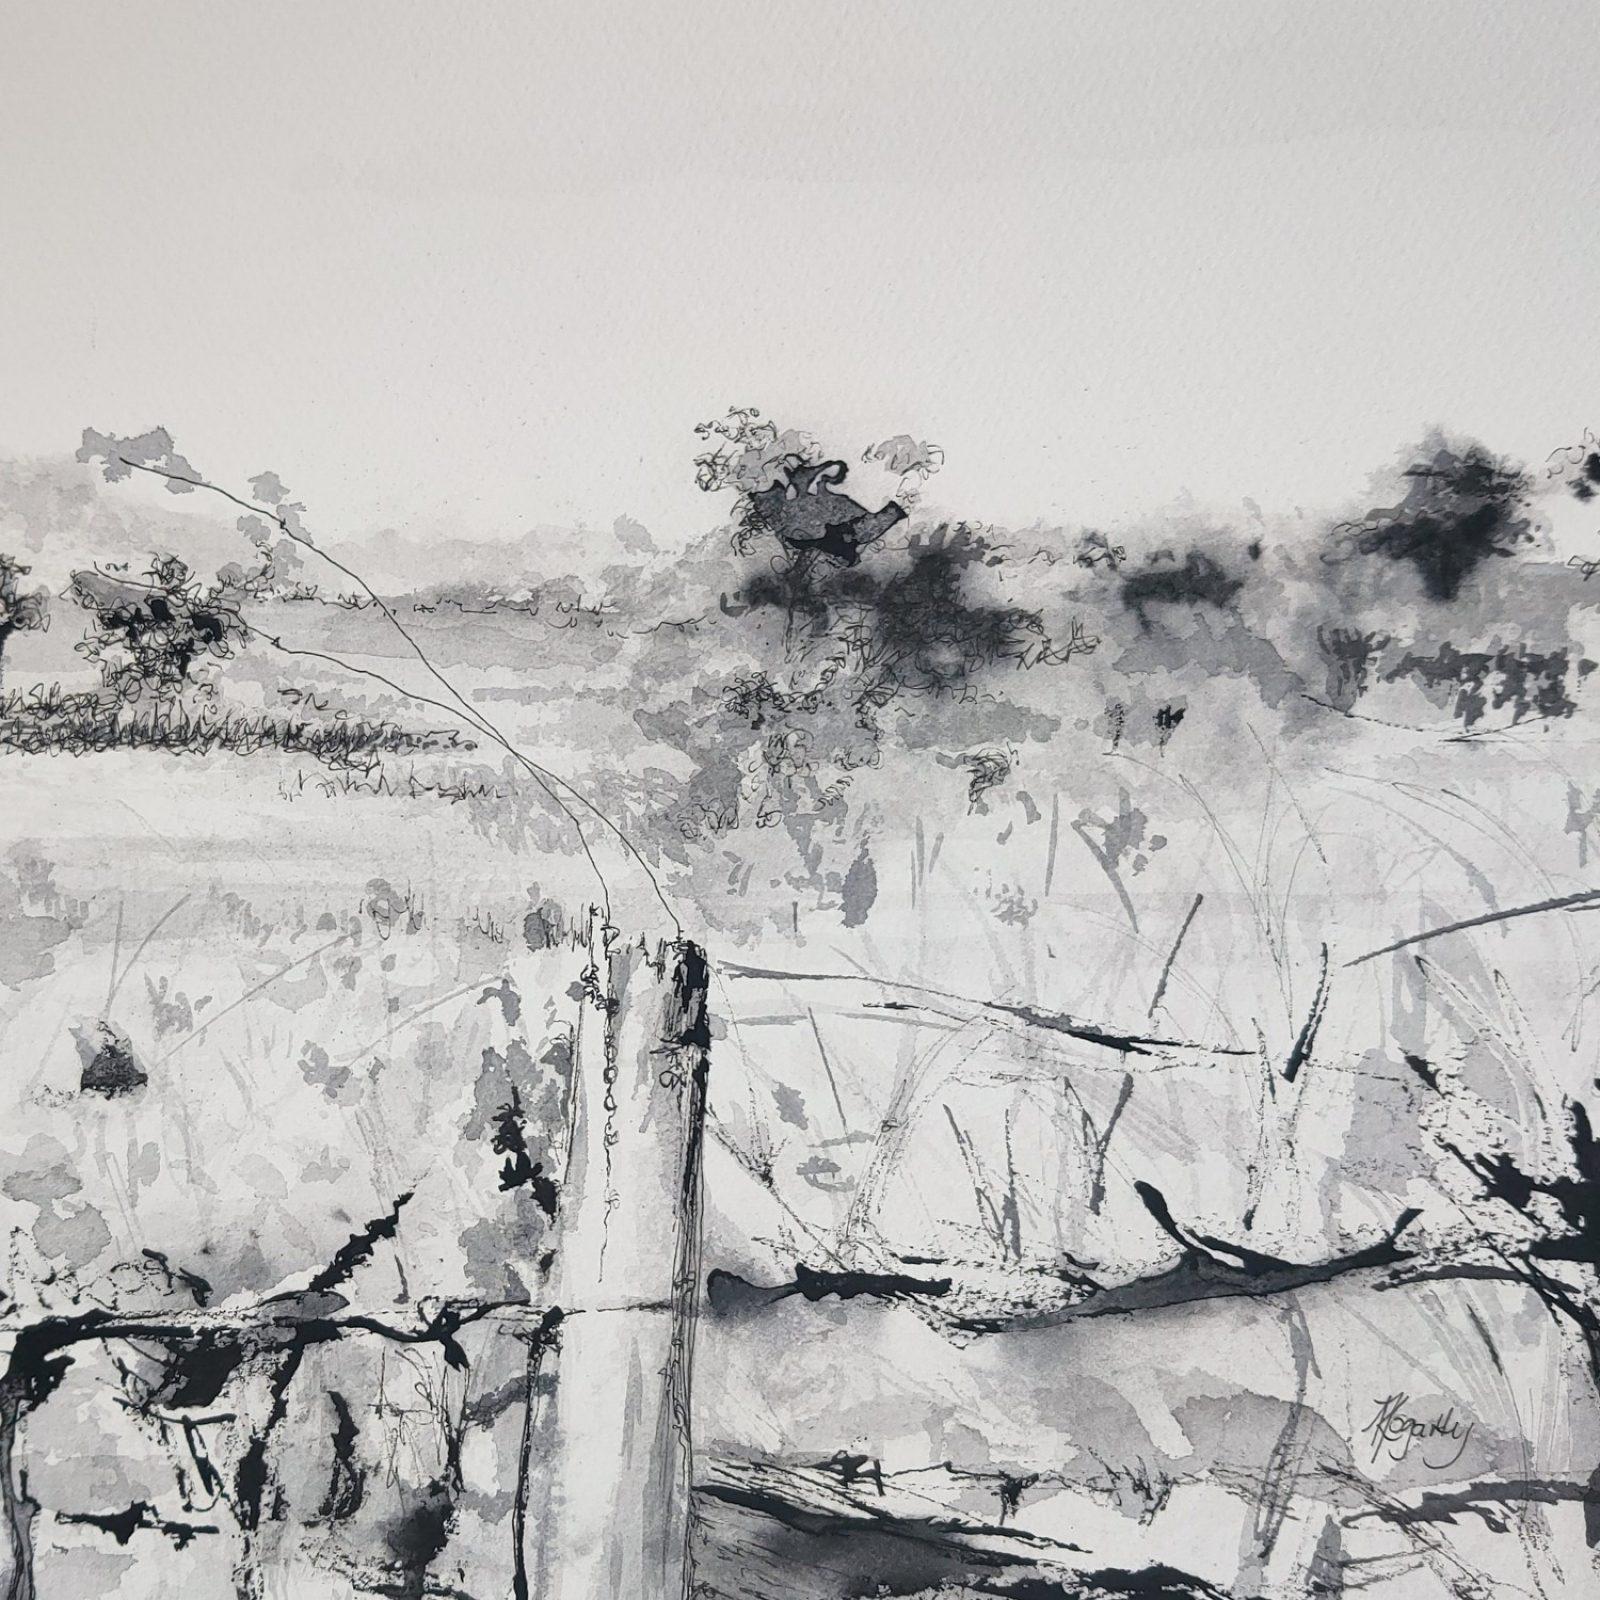 Barton Estate Vista (detail) by Kylie Fogarty